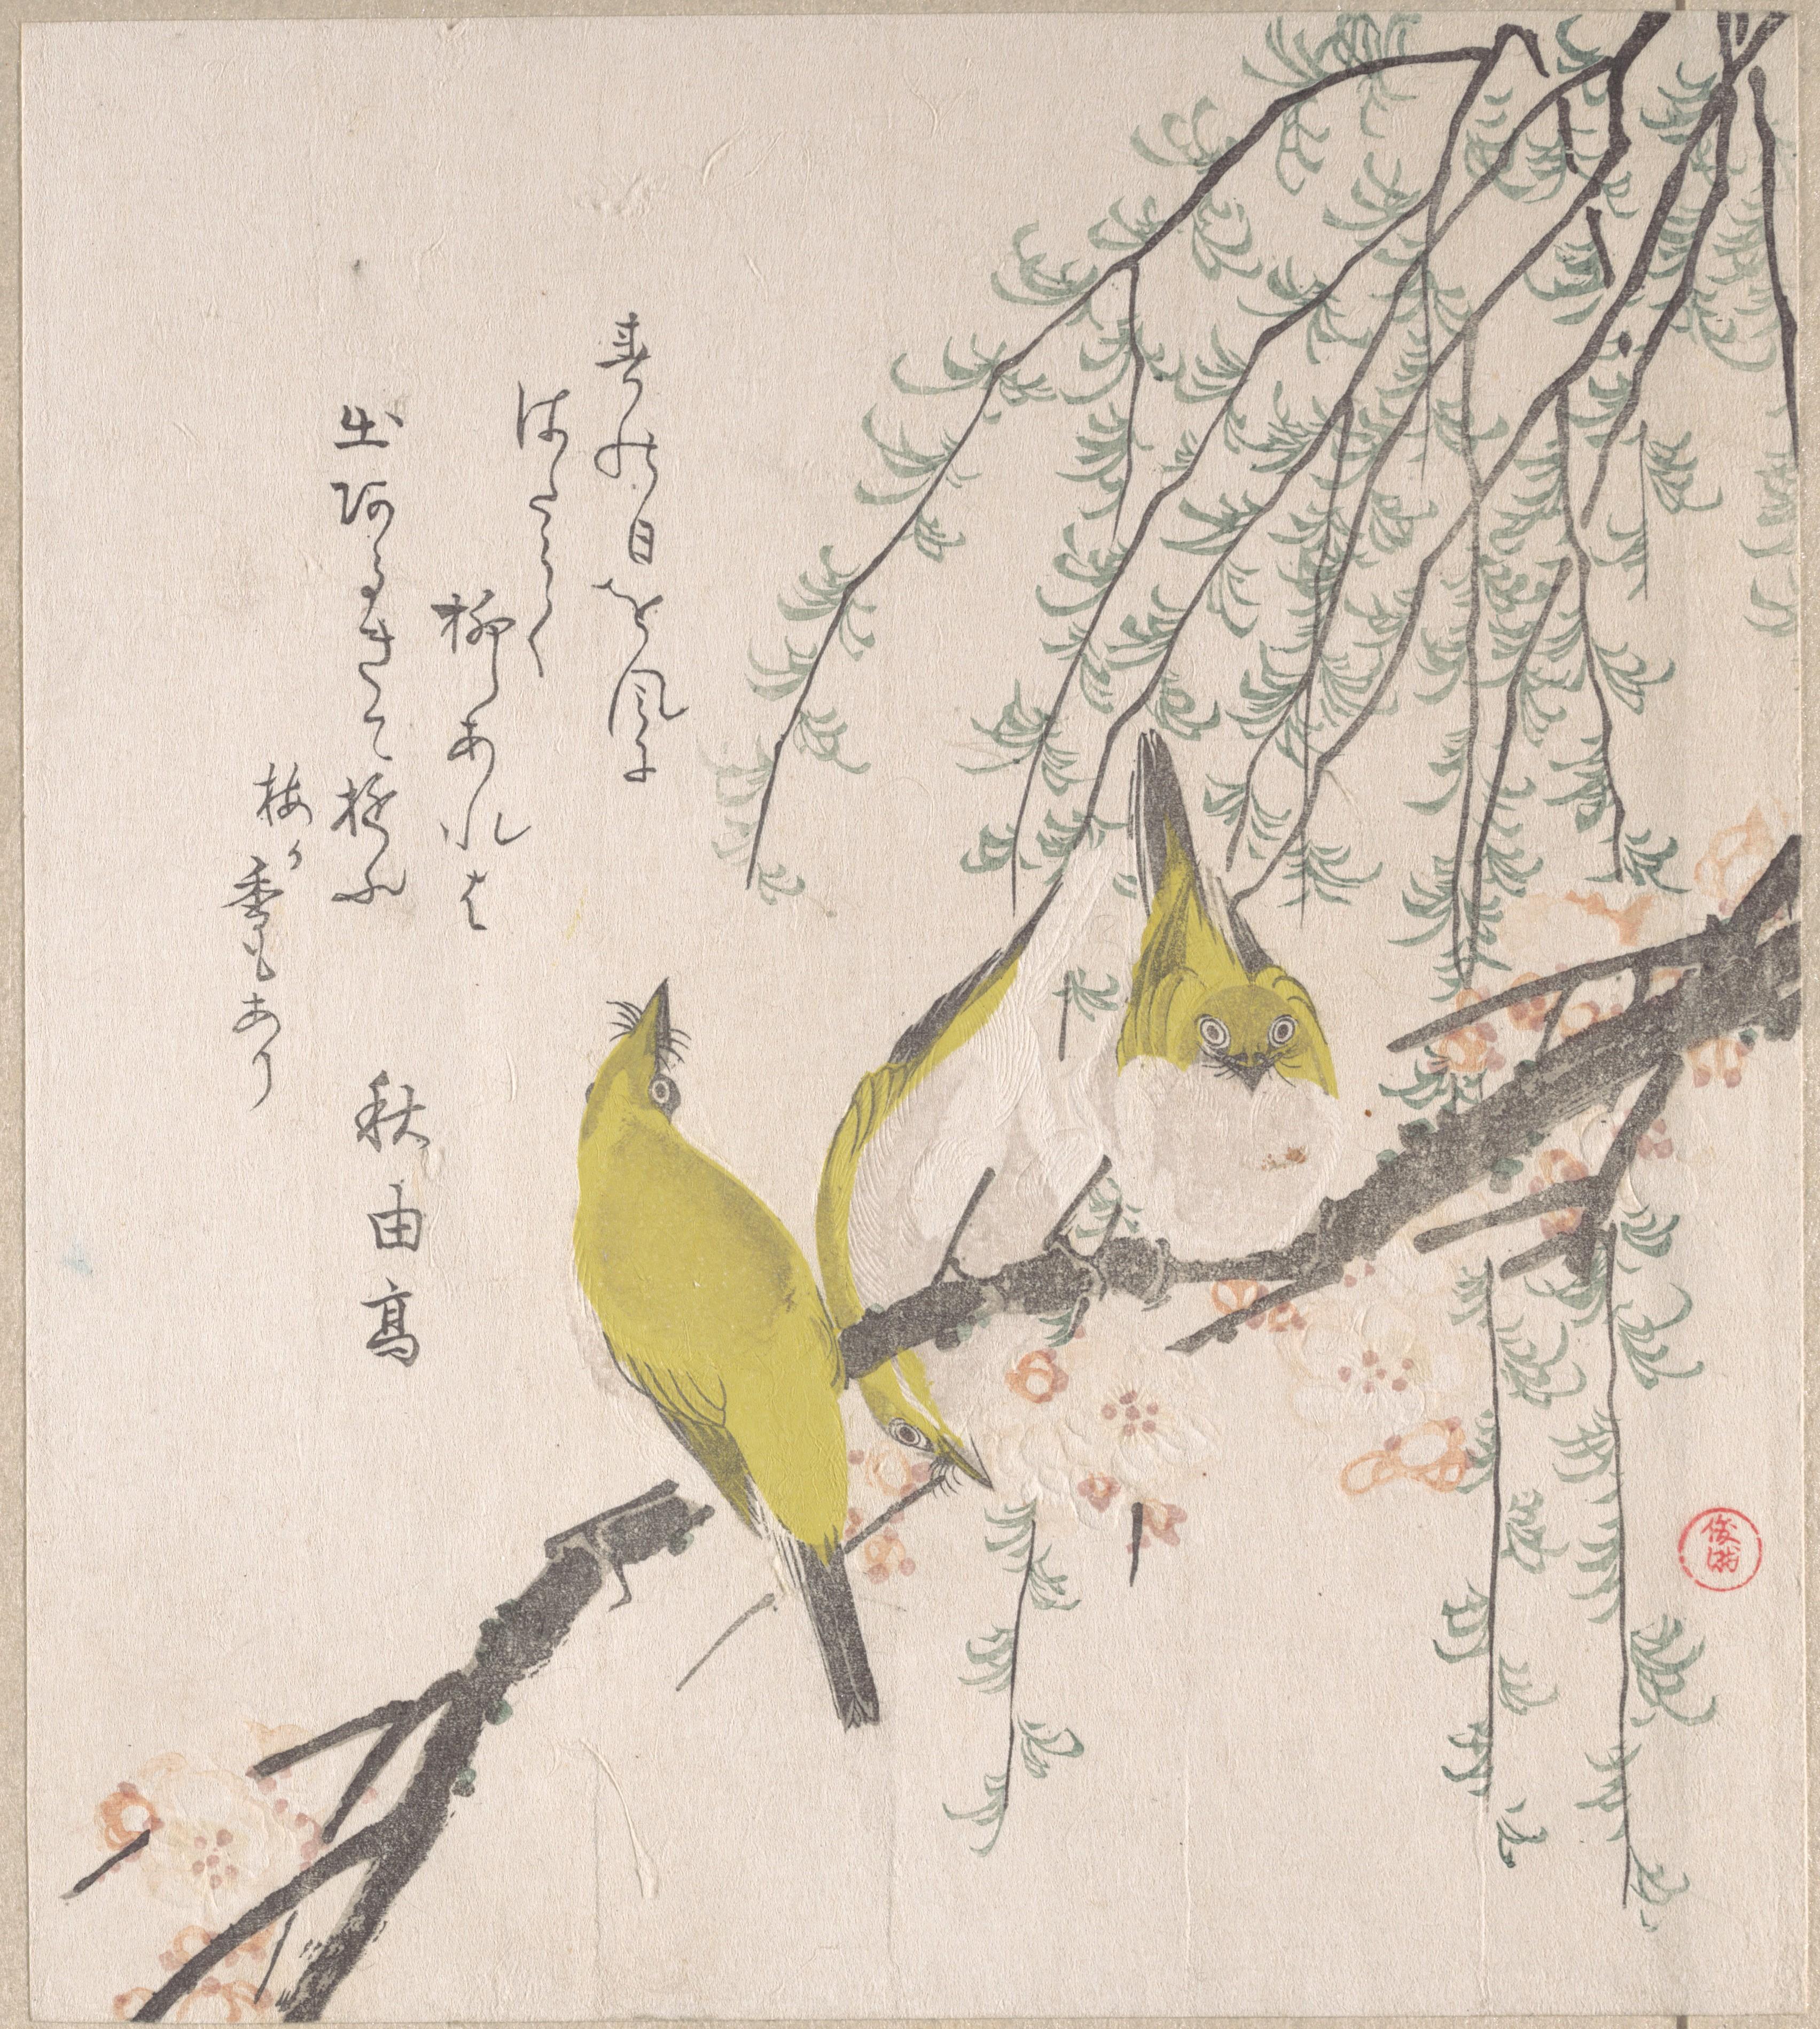 Из альбома Весенний дождь_том 3_1805-1810_Японские белоглазки на ветке сливы и ива_210х186 мм